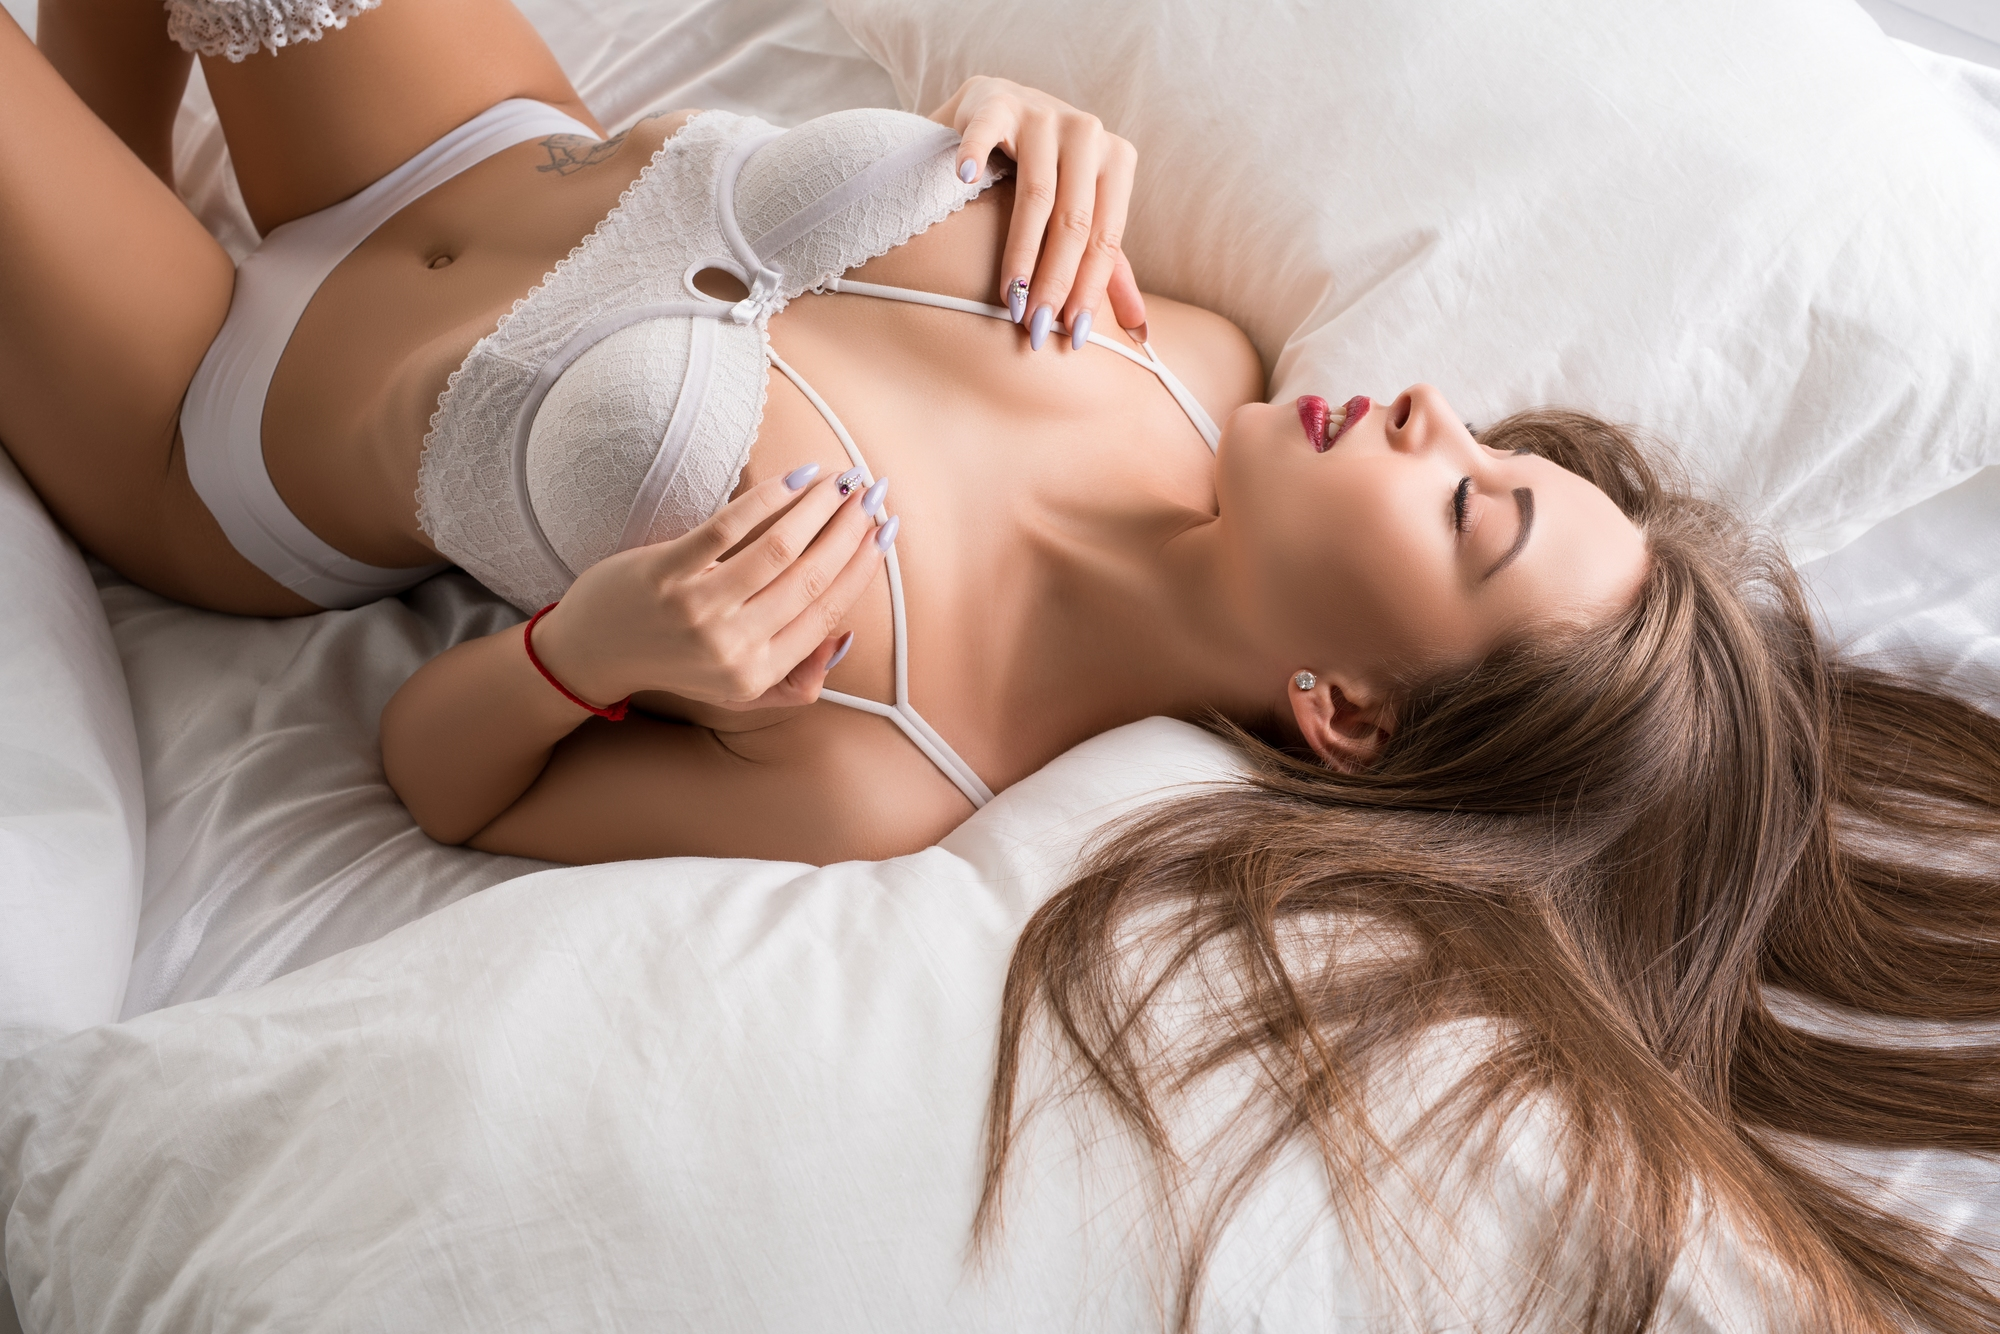 セクシーなランジェリーを着用している女性